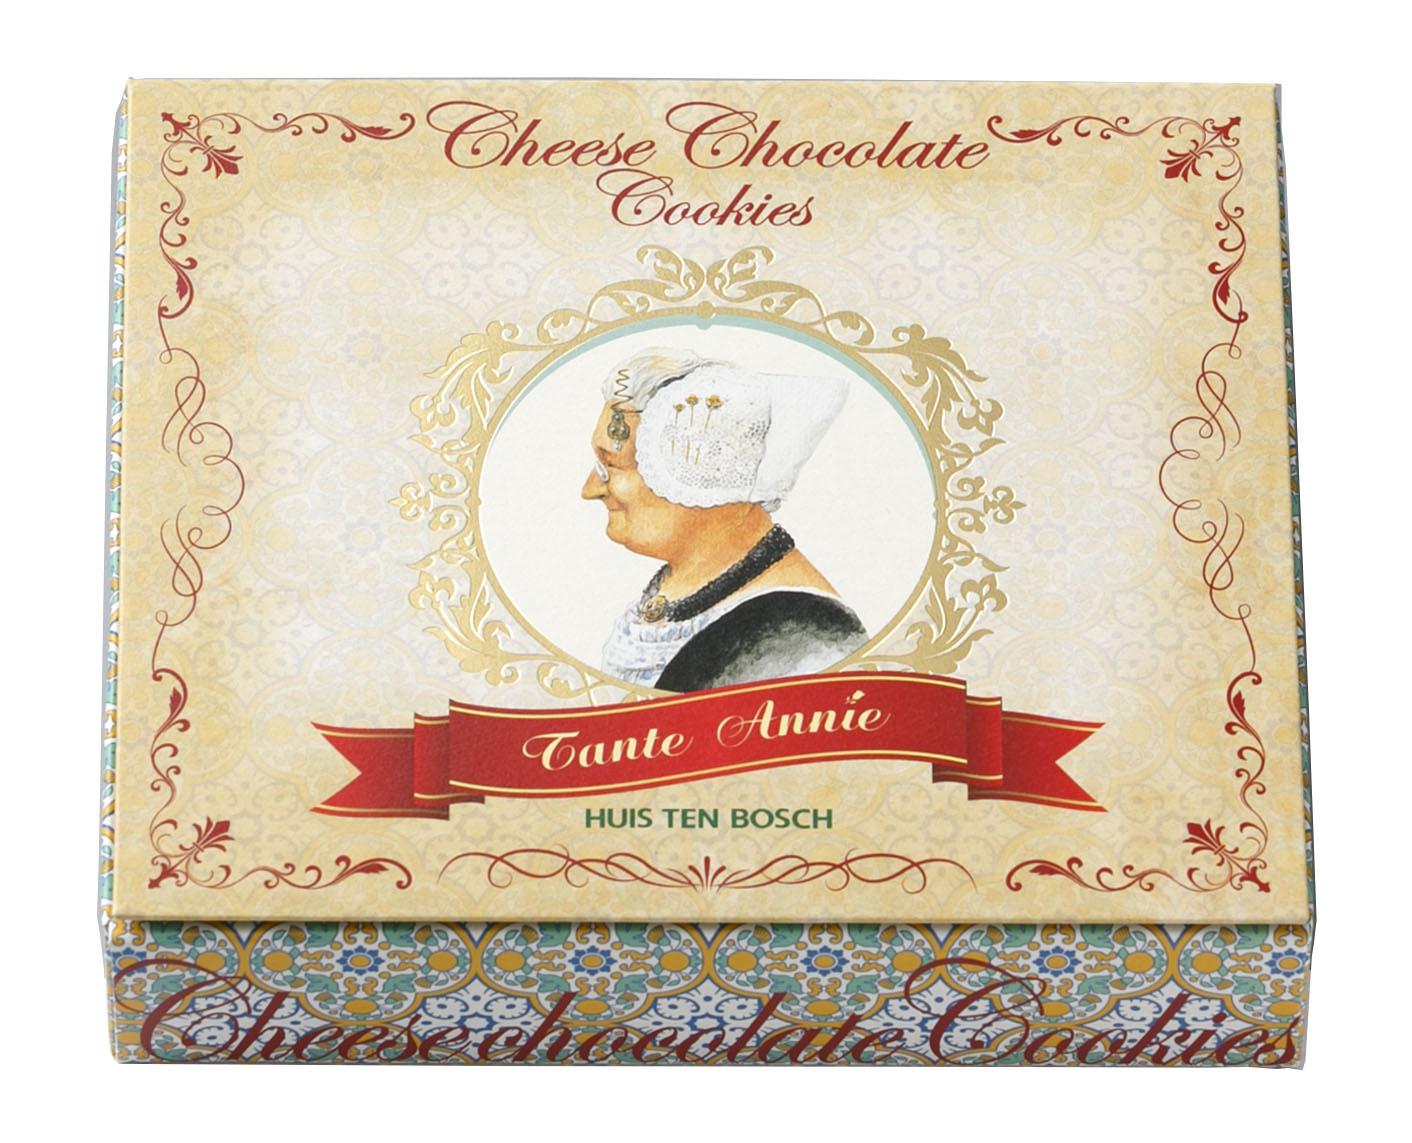 チーズチョコレートクッキー10枚入り(長崎便)